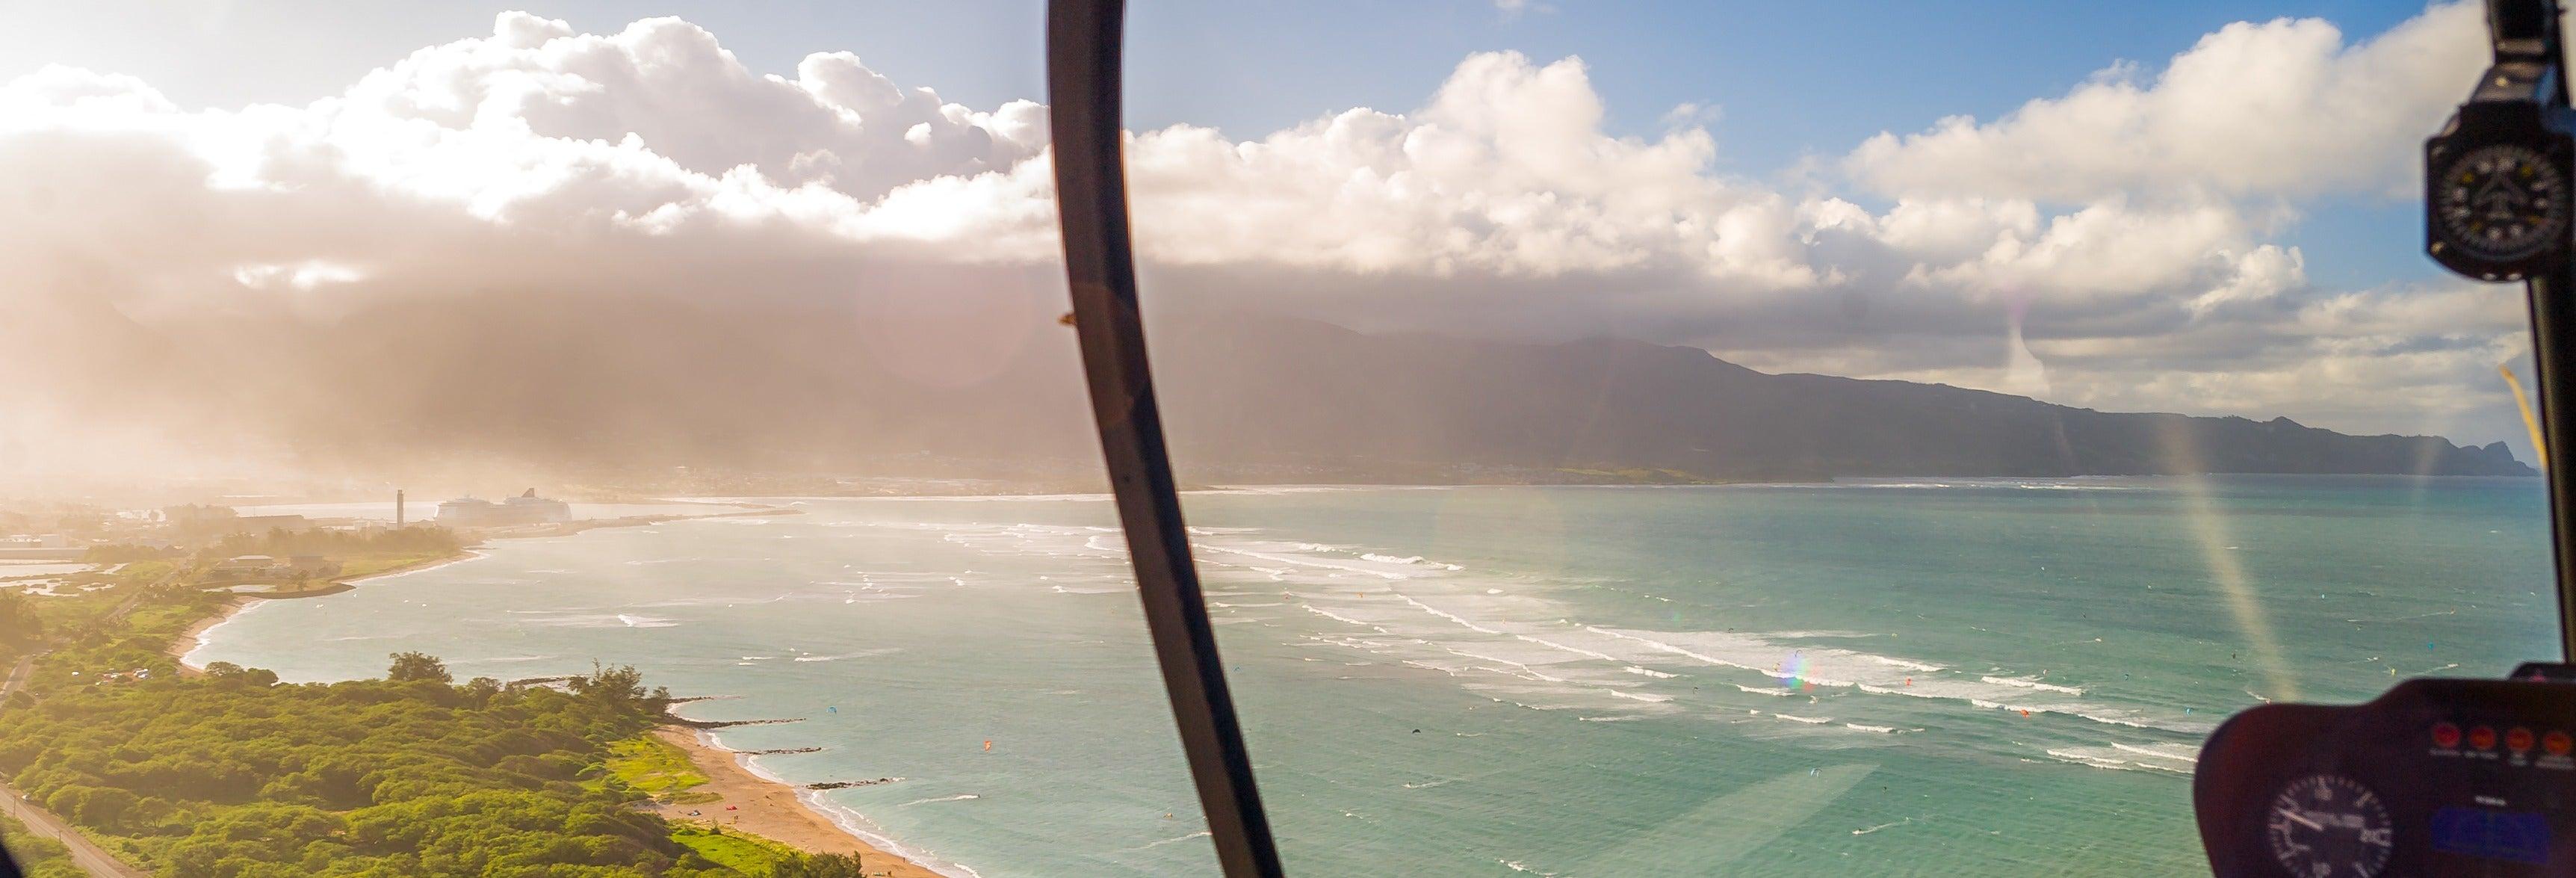 Passeio de helicóptero por Maui